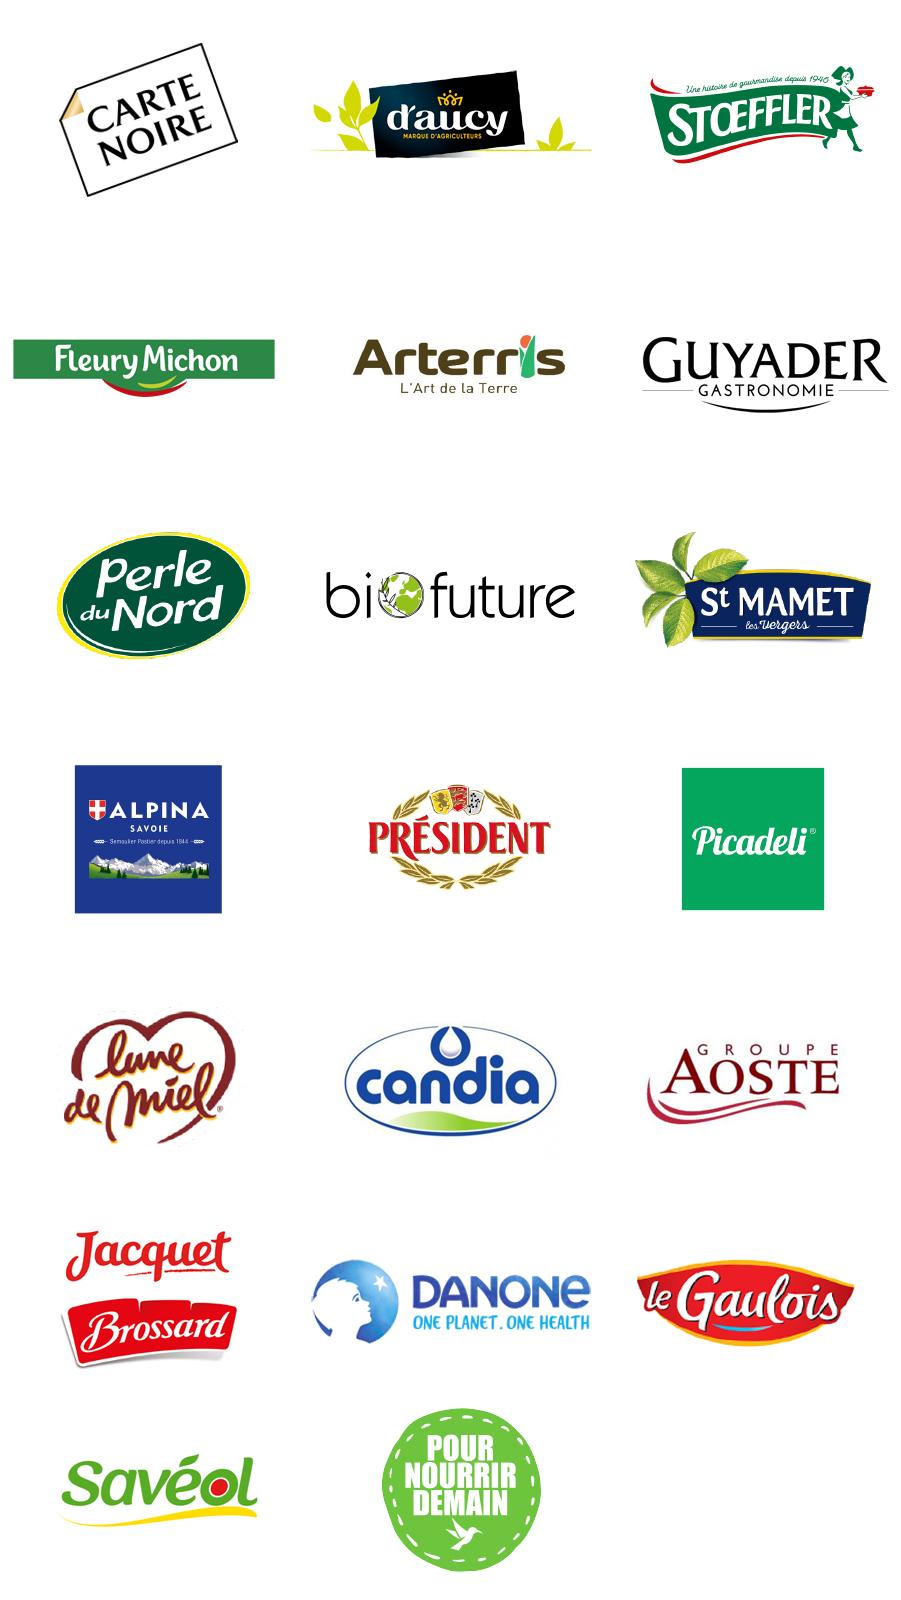 banniere2 - Découvrez les marques engagées dans la Communauté Pour nourrir demain